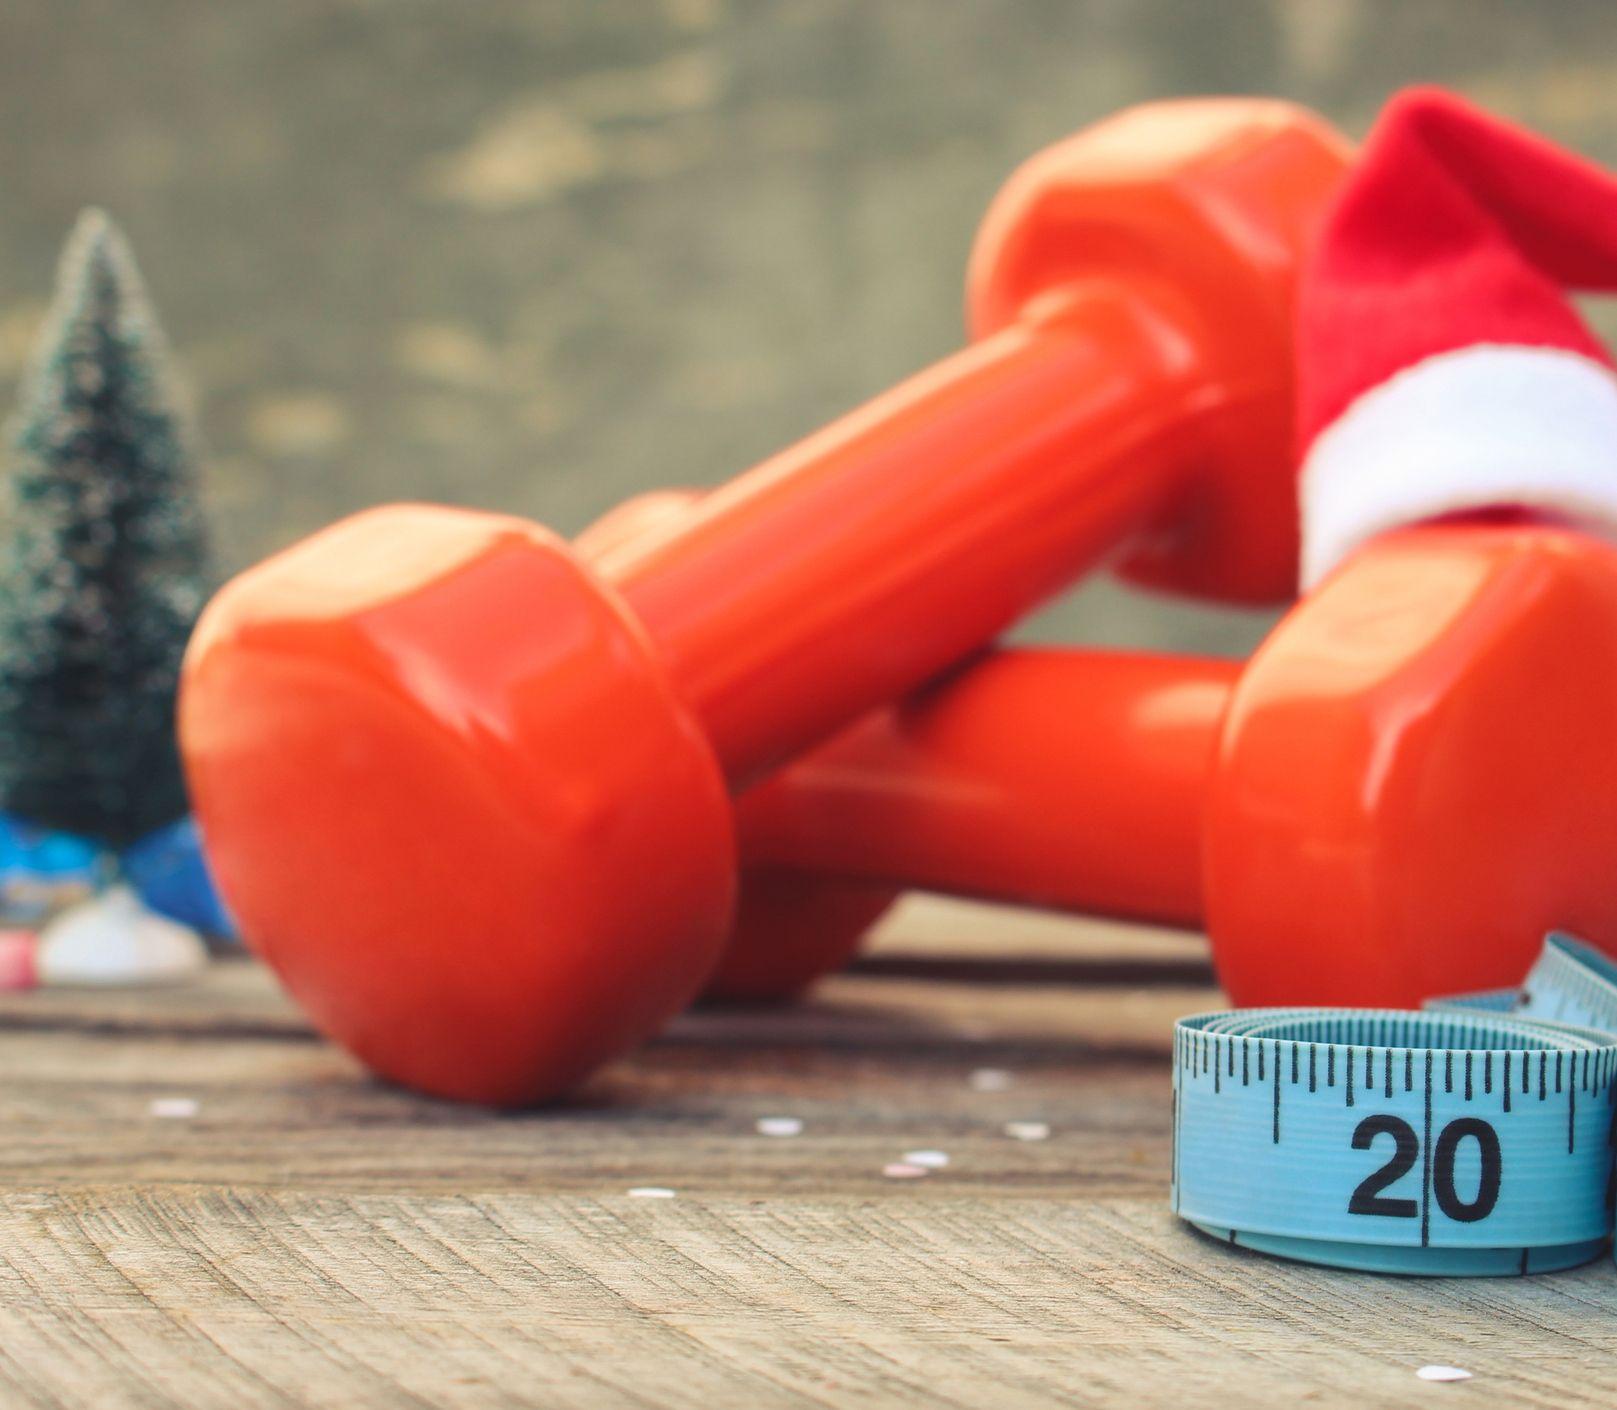 Ako chudnúť aj počas Vianoc? V zime je to zložitejšie, no je to možné!